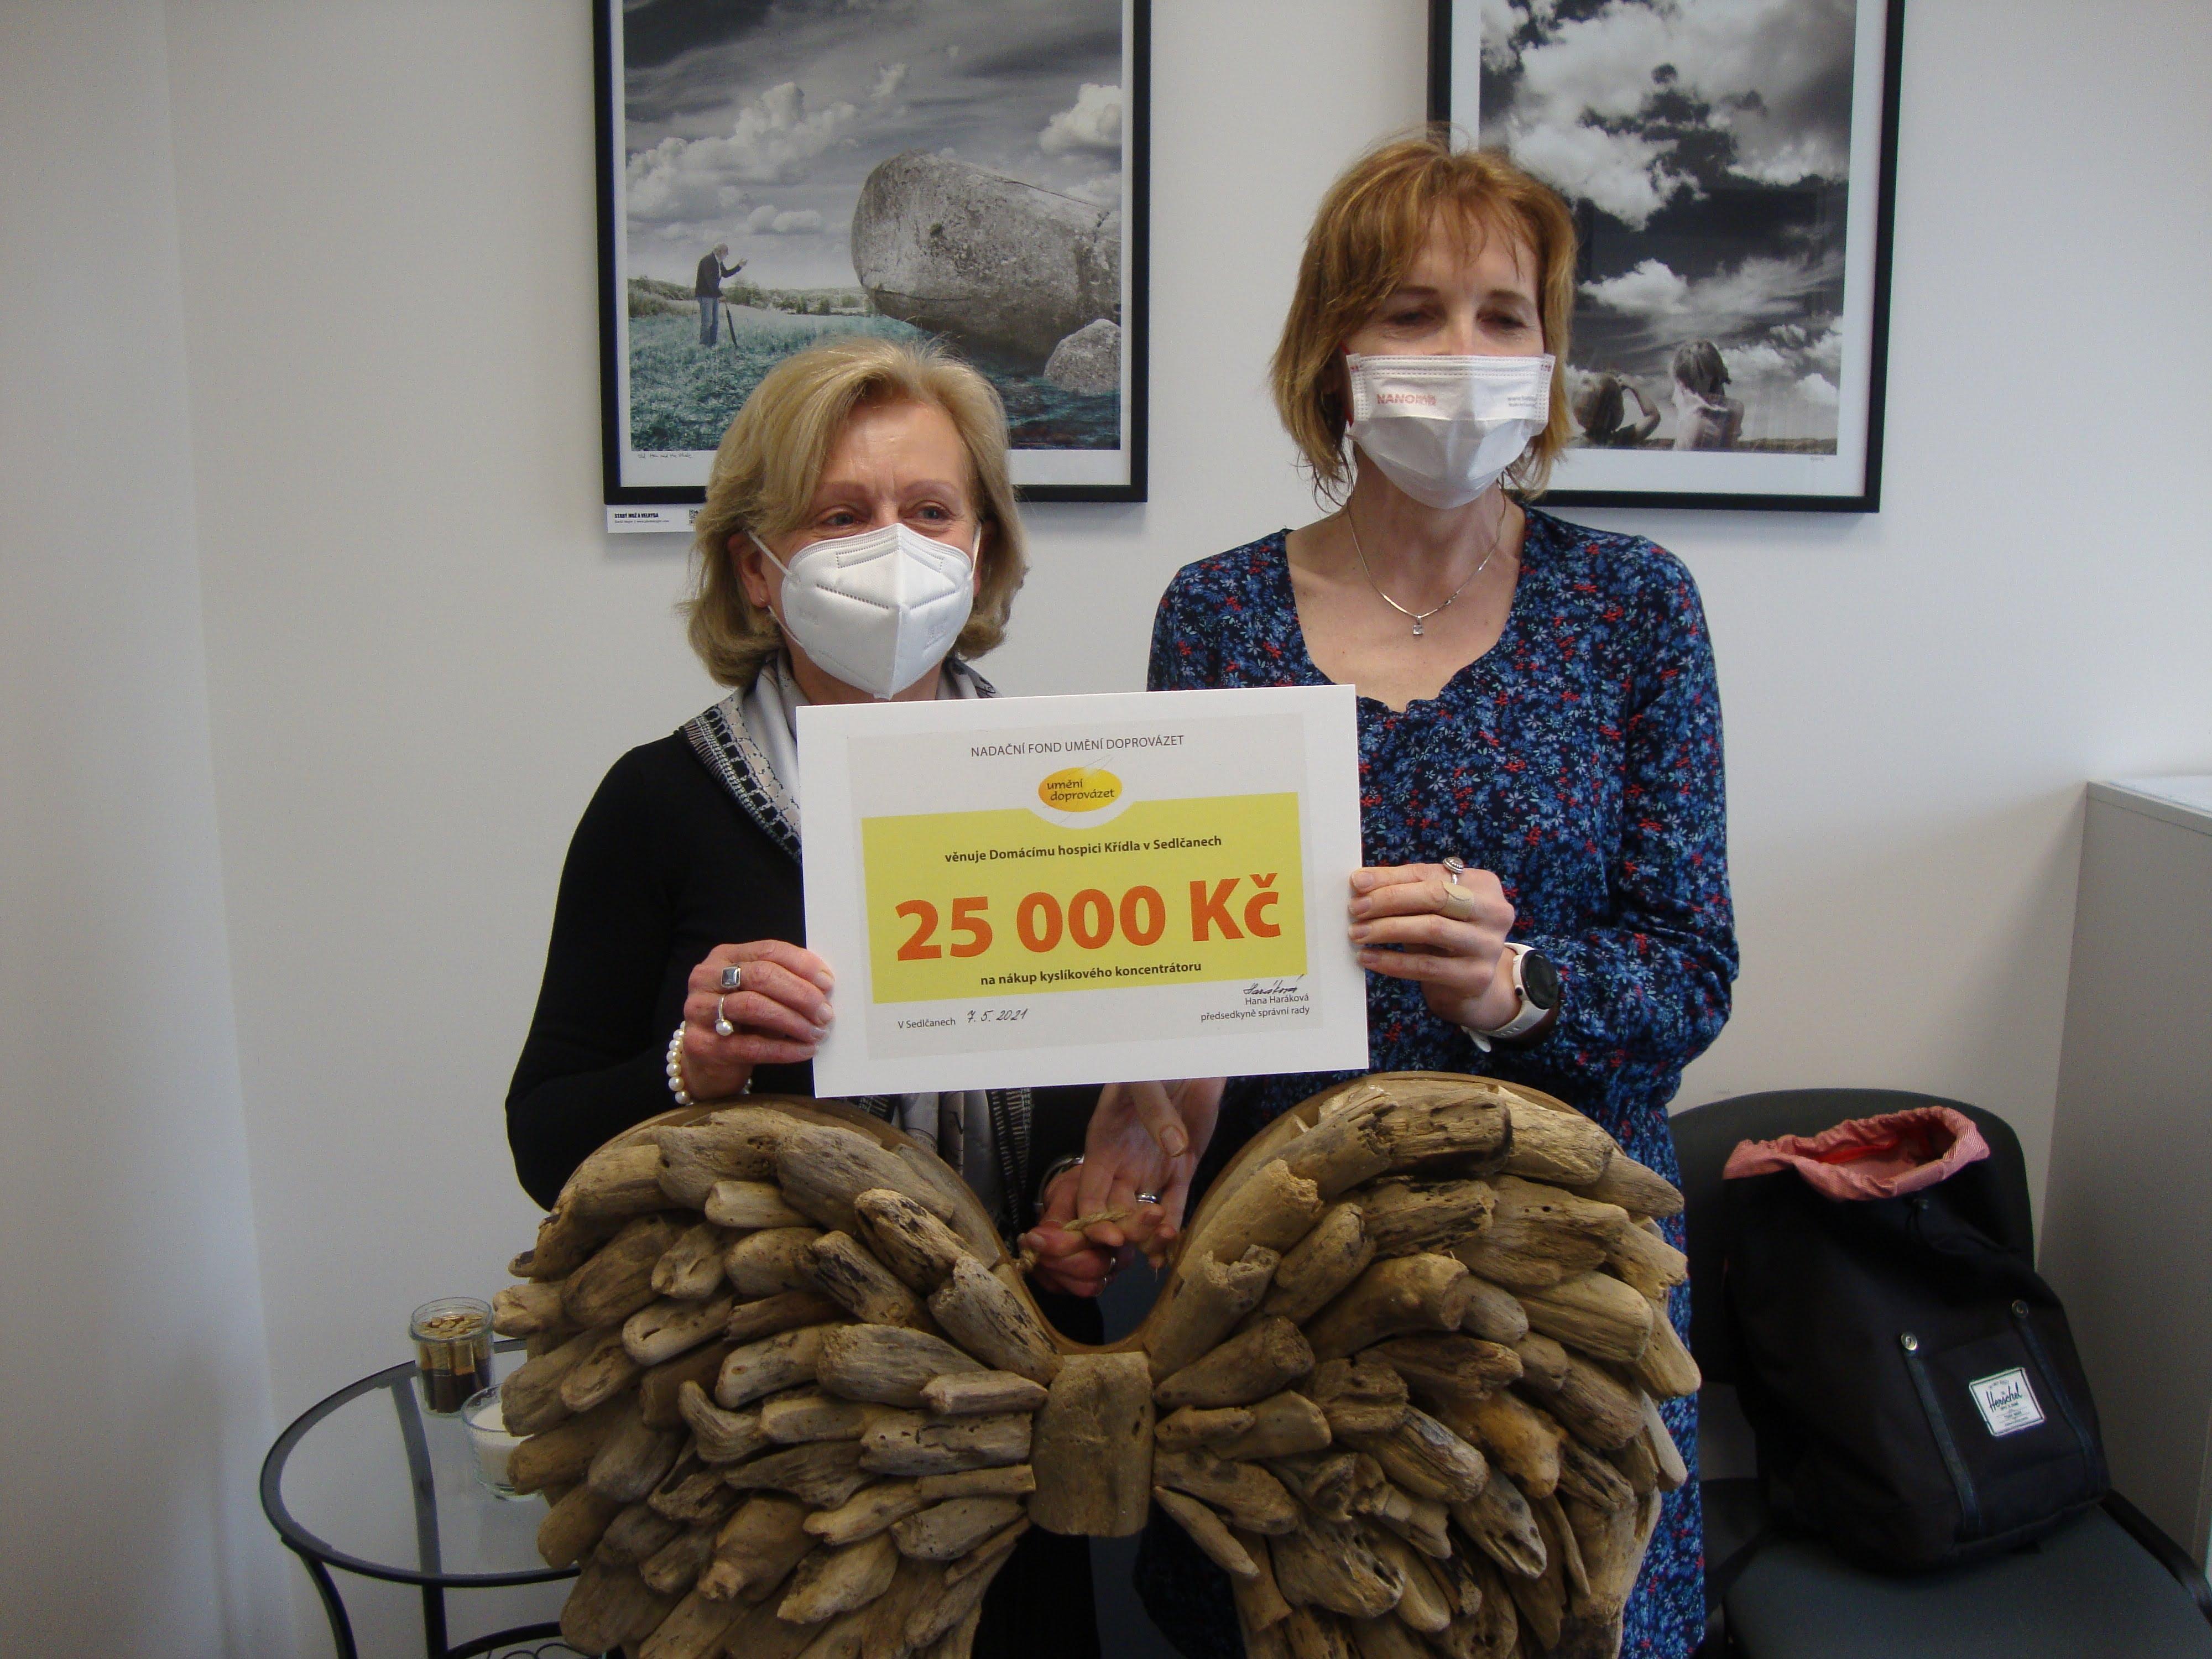 Domácí hospic Křídla v Sedlčanech od nás získal lineární dávkovač léků